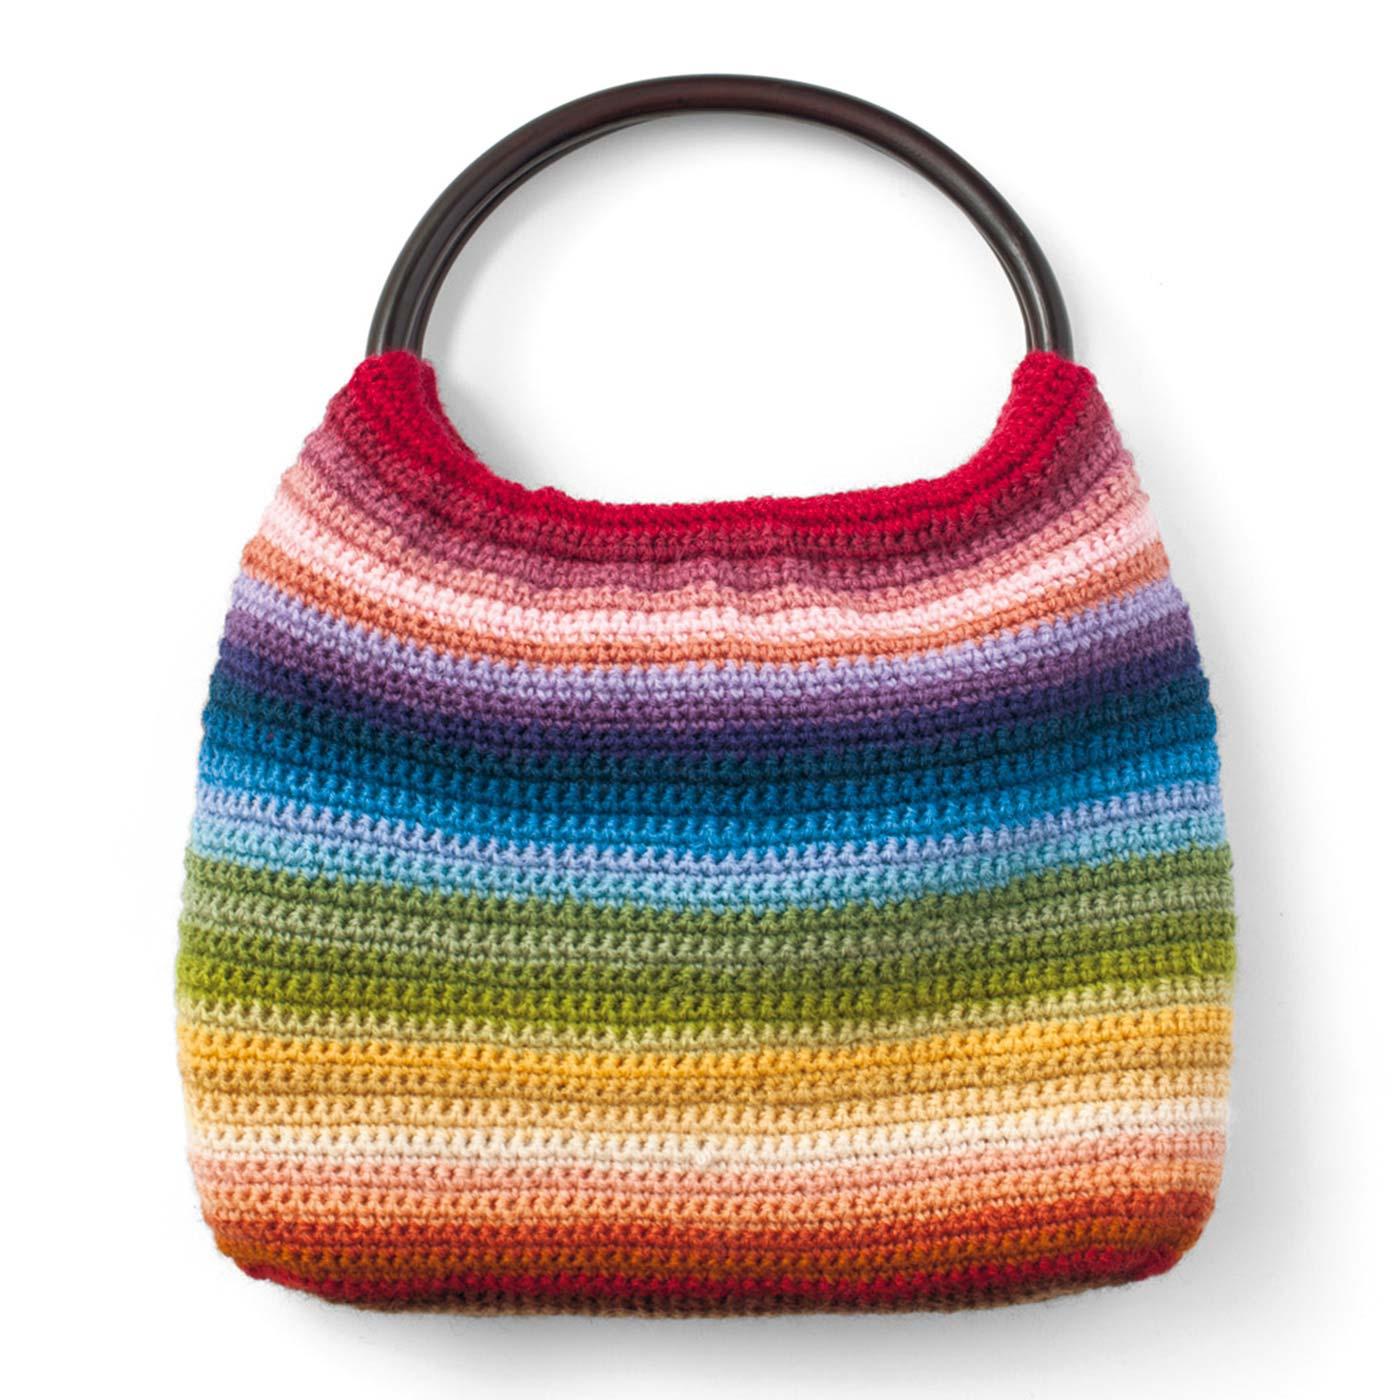 30色を使って、縦約19.5cm、横約25.5cmのバッグが作れます。(作り方説明書付き。持ち手はセットに含まれません。)